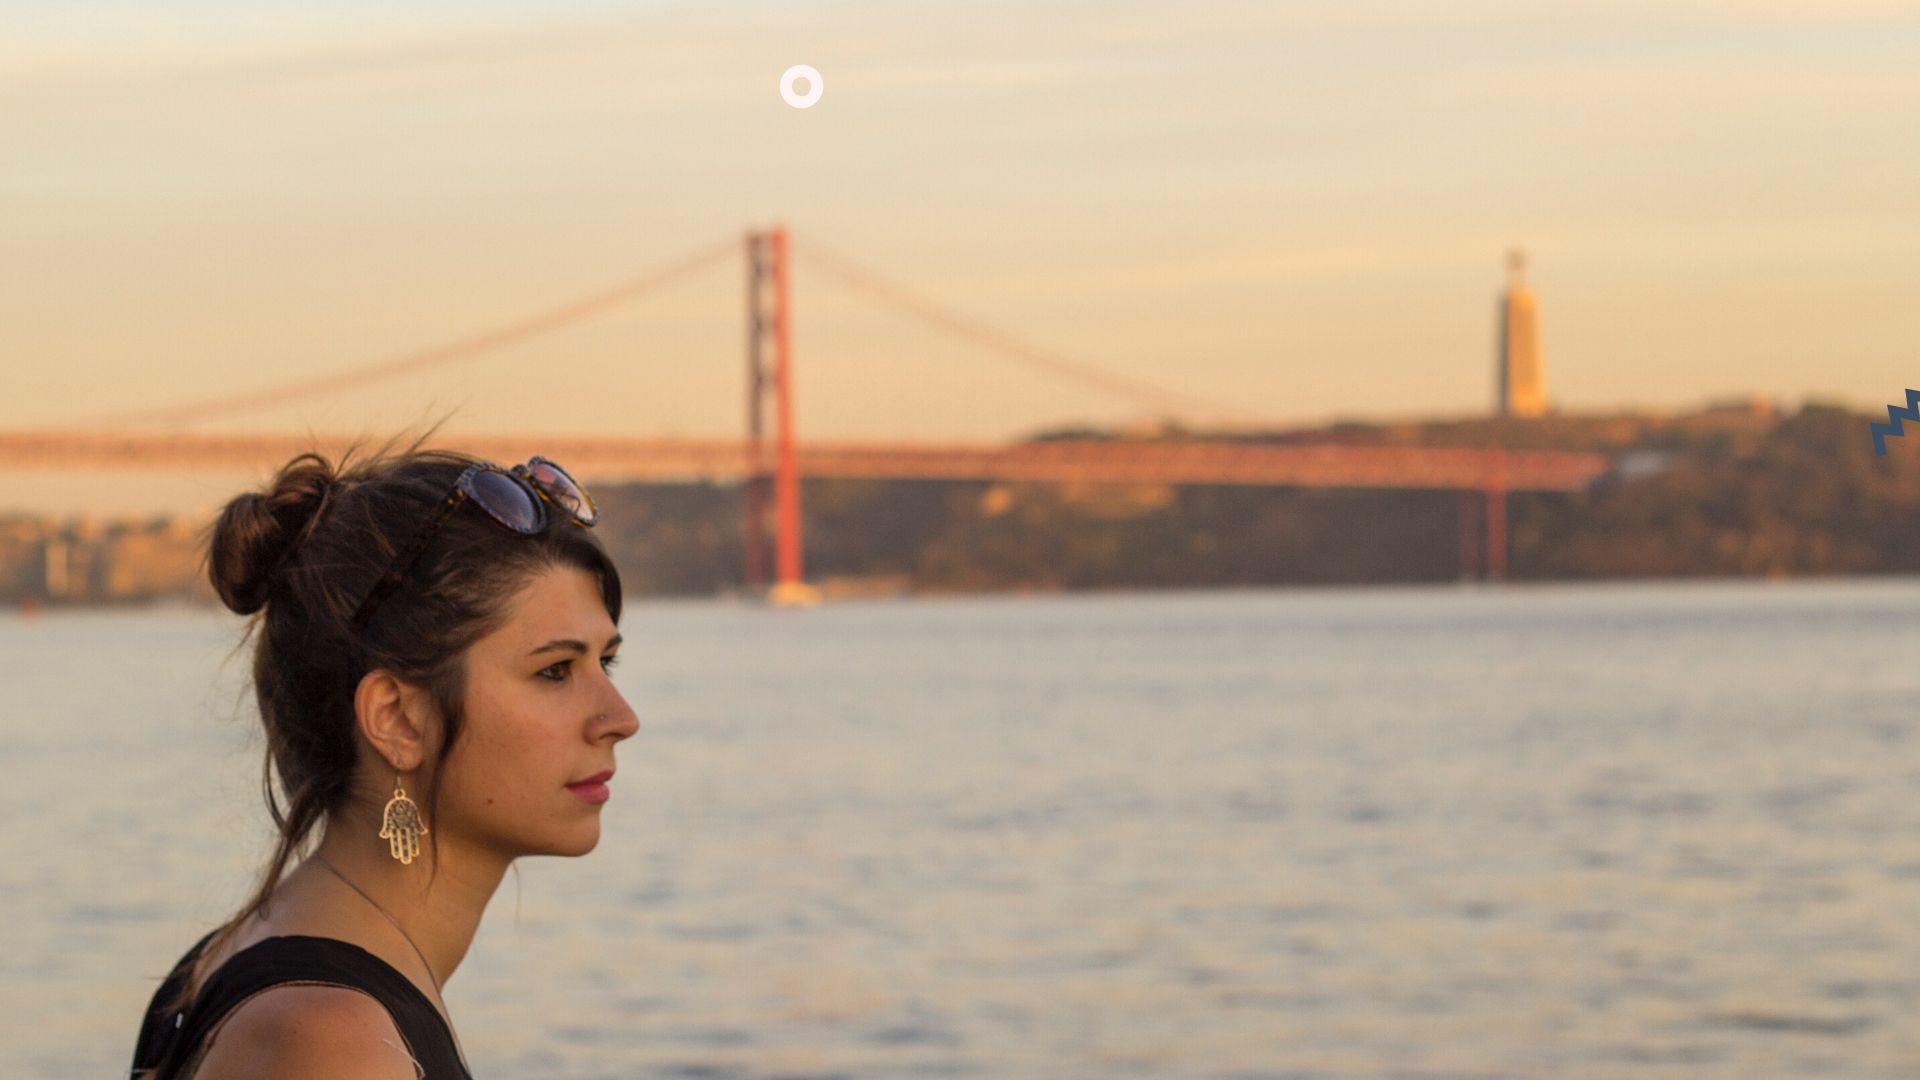 Trasferirsi all'estero-ragazza-ponte-fiume